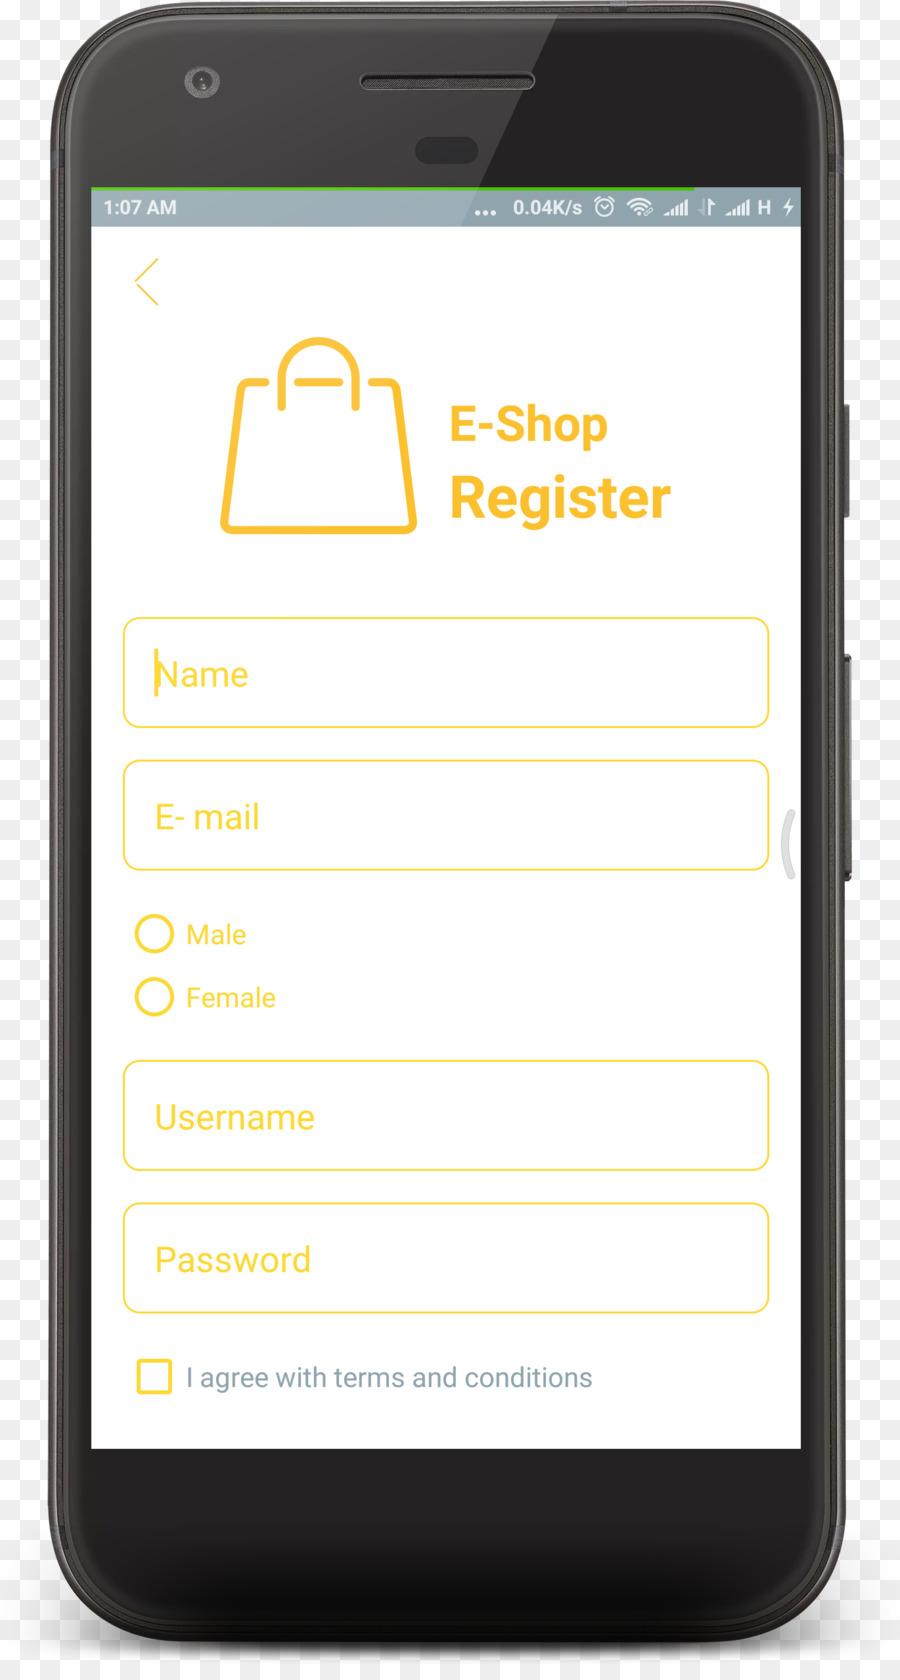 Resümee Android Vorlage Iphone Ui Ux Png Herunterladen 1370